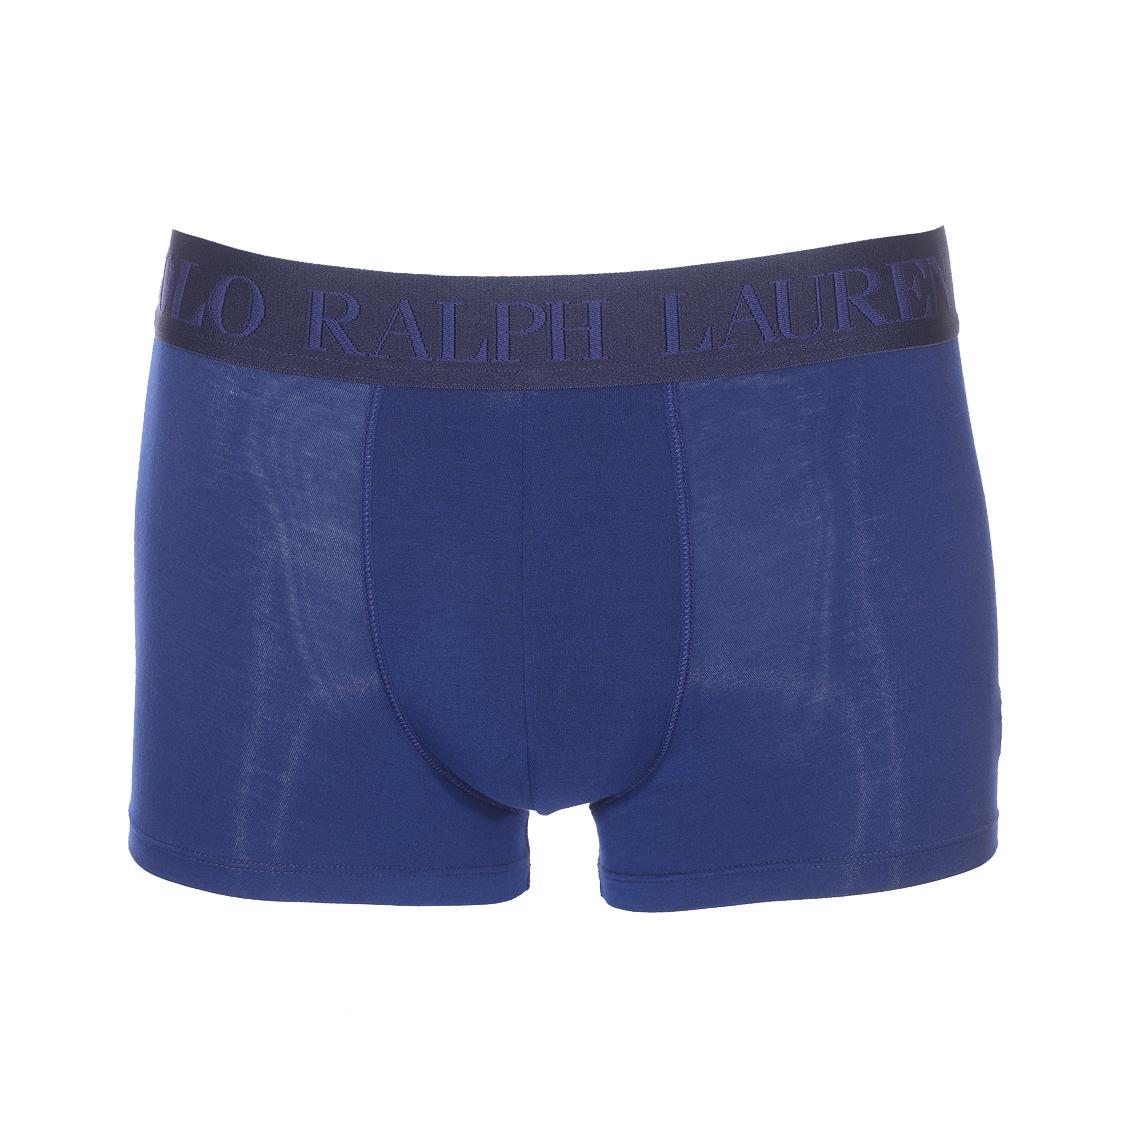 Boxer  en modal stretch bleu pétrole à ceinture bleu marine